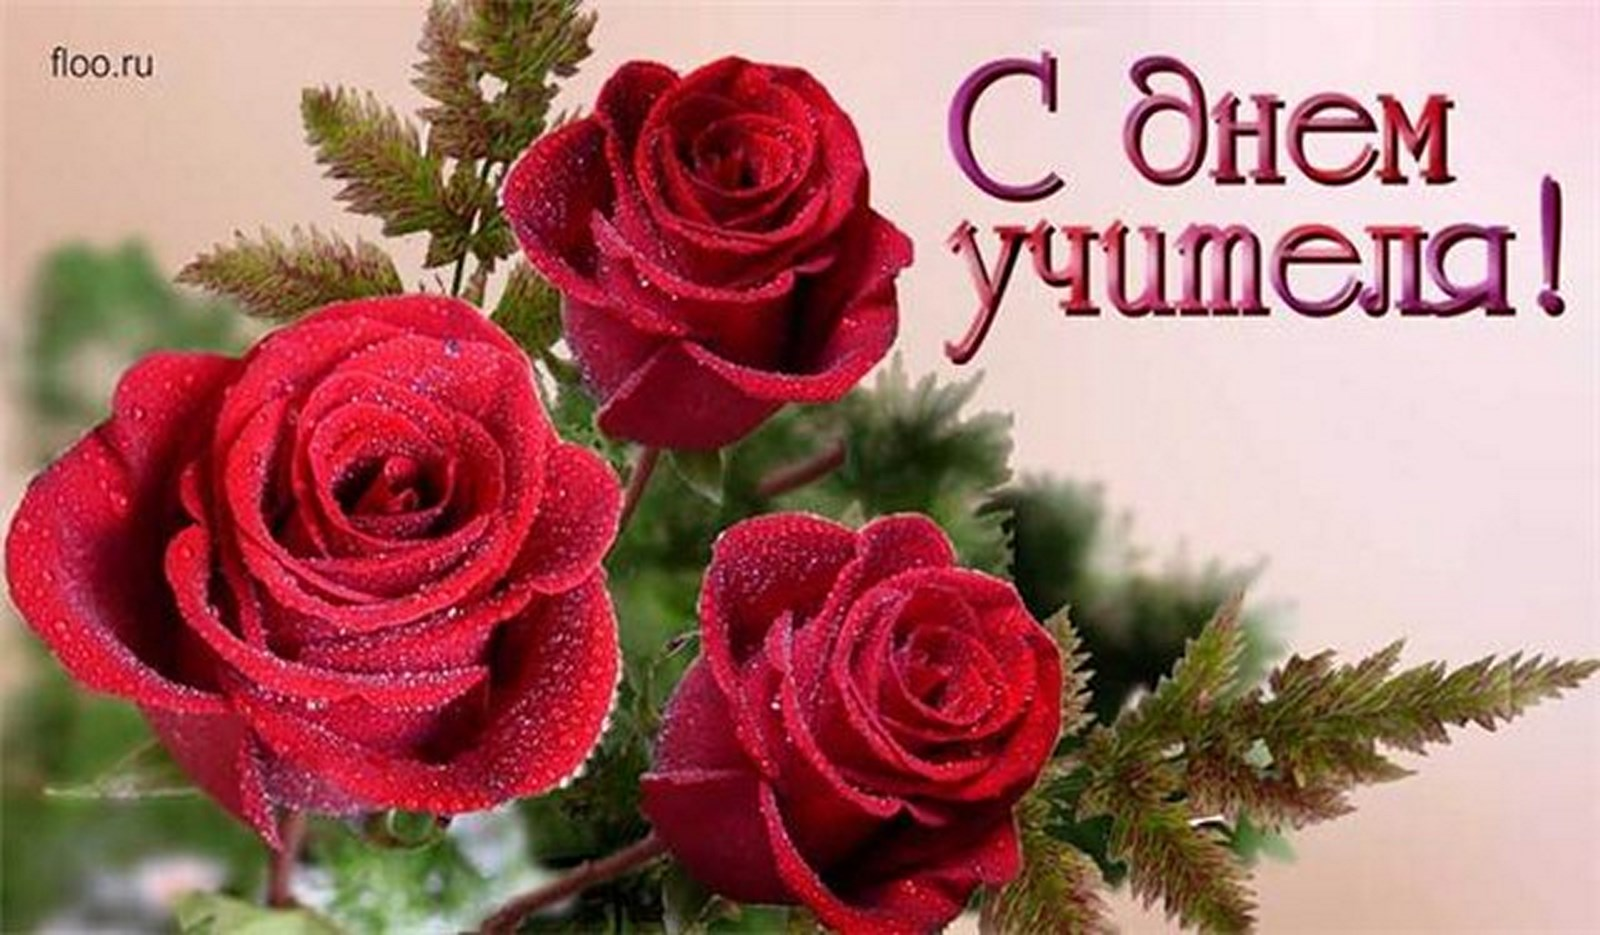 Открытки. День Учителя!  Красные розы открытки фото рисунки картинки поздравления